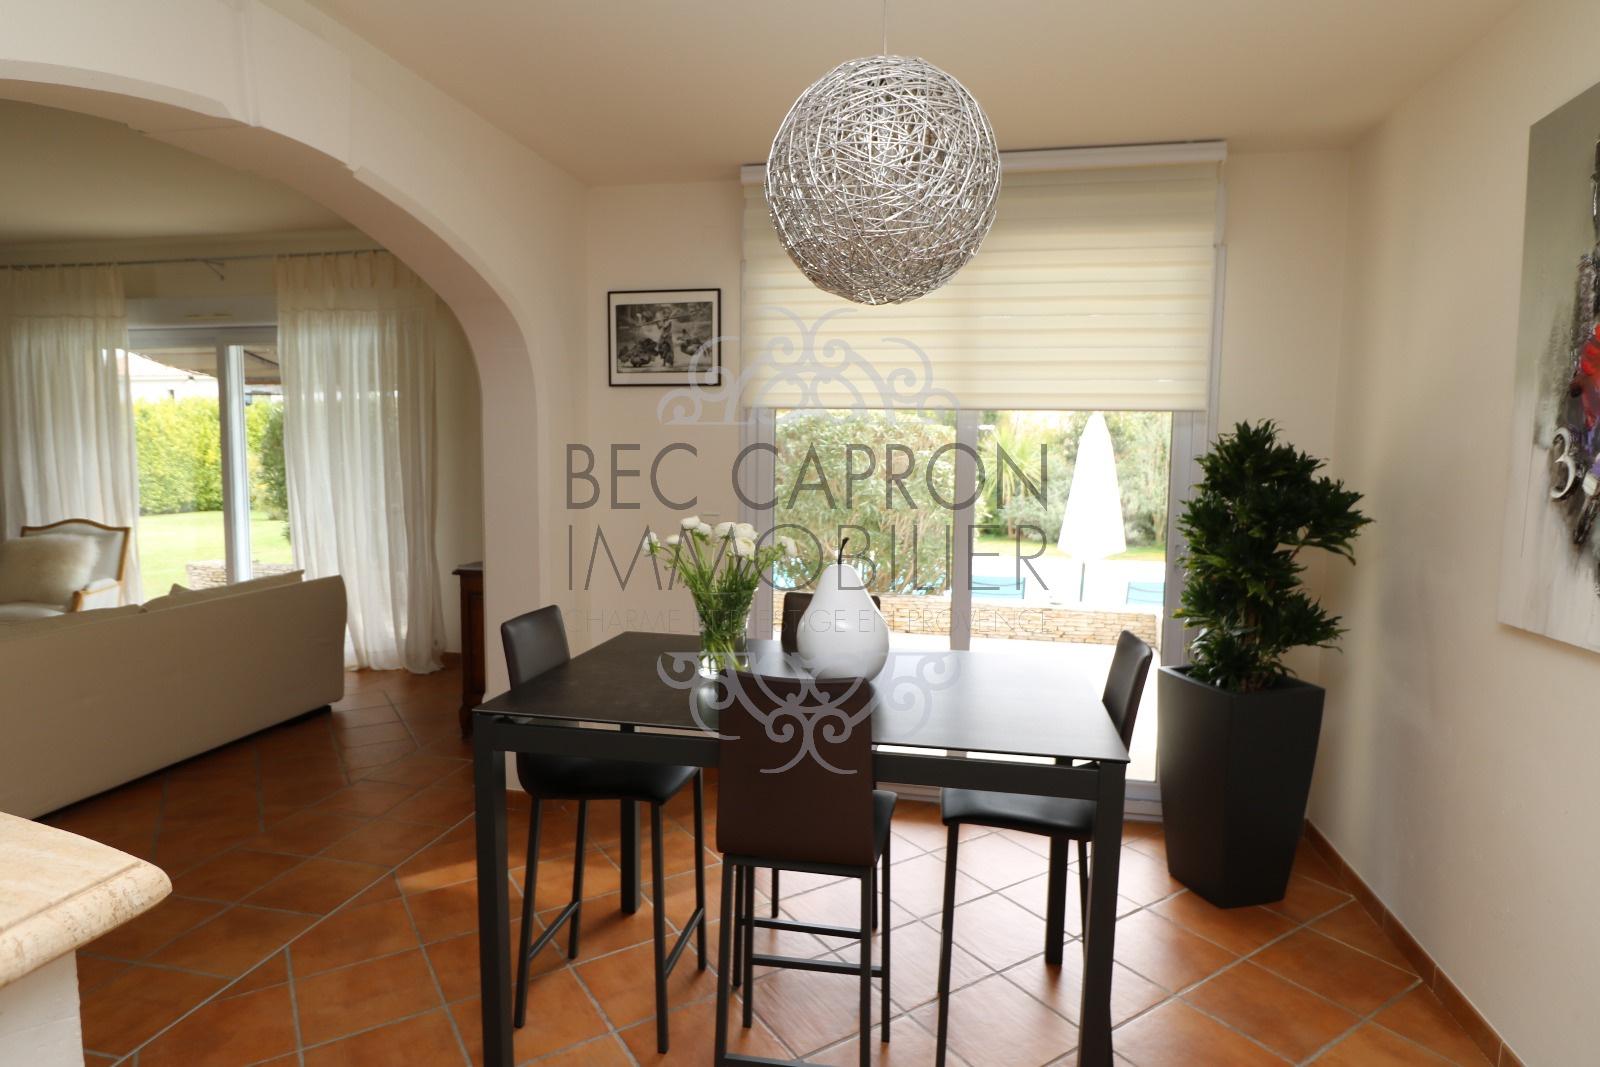 Espace cuisine avec table à déjeuner. et vue sur le salon